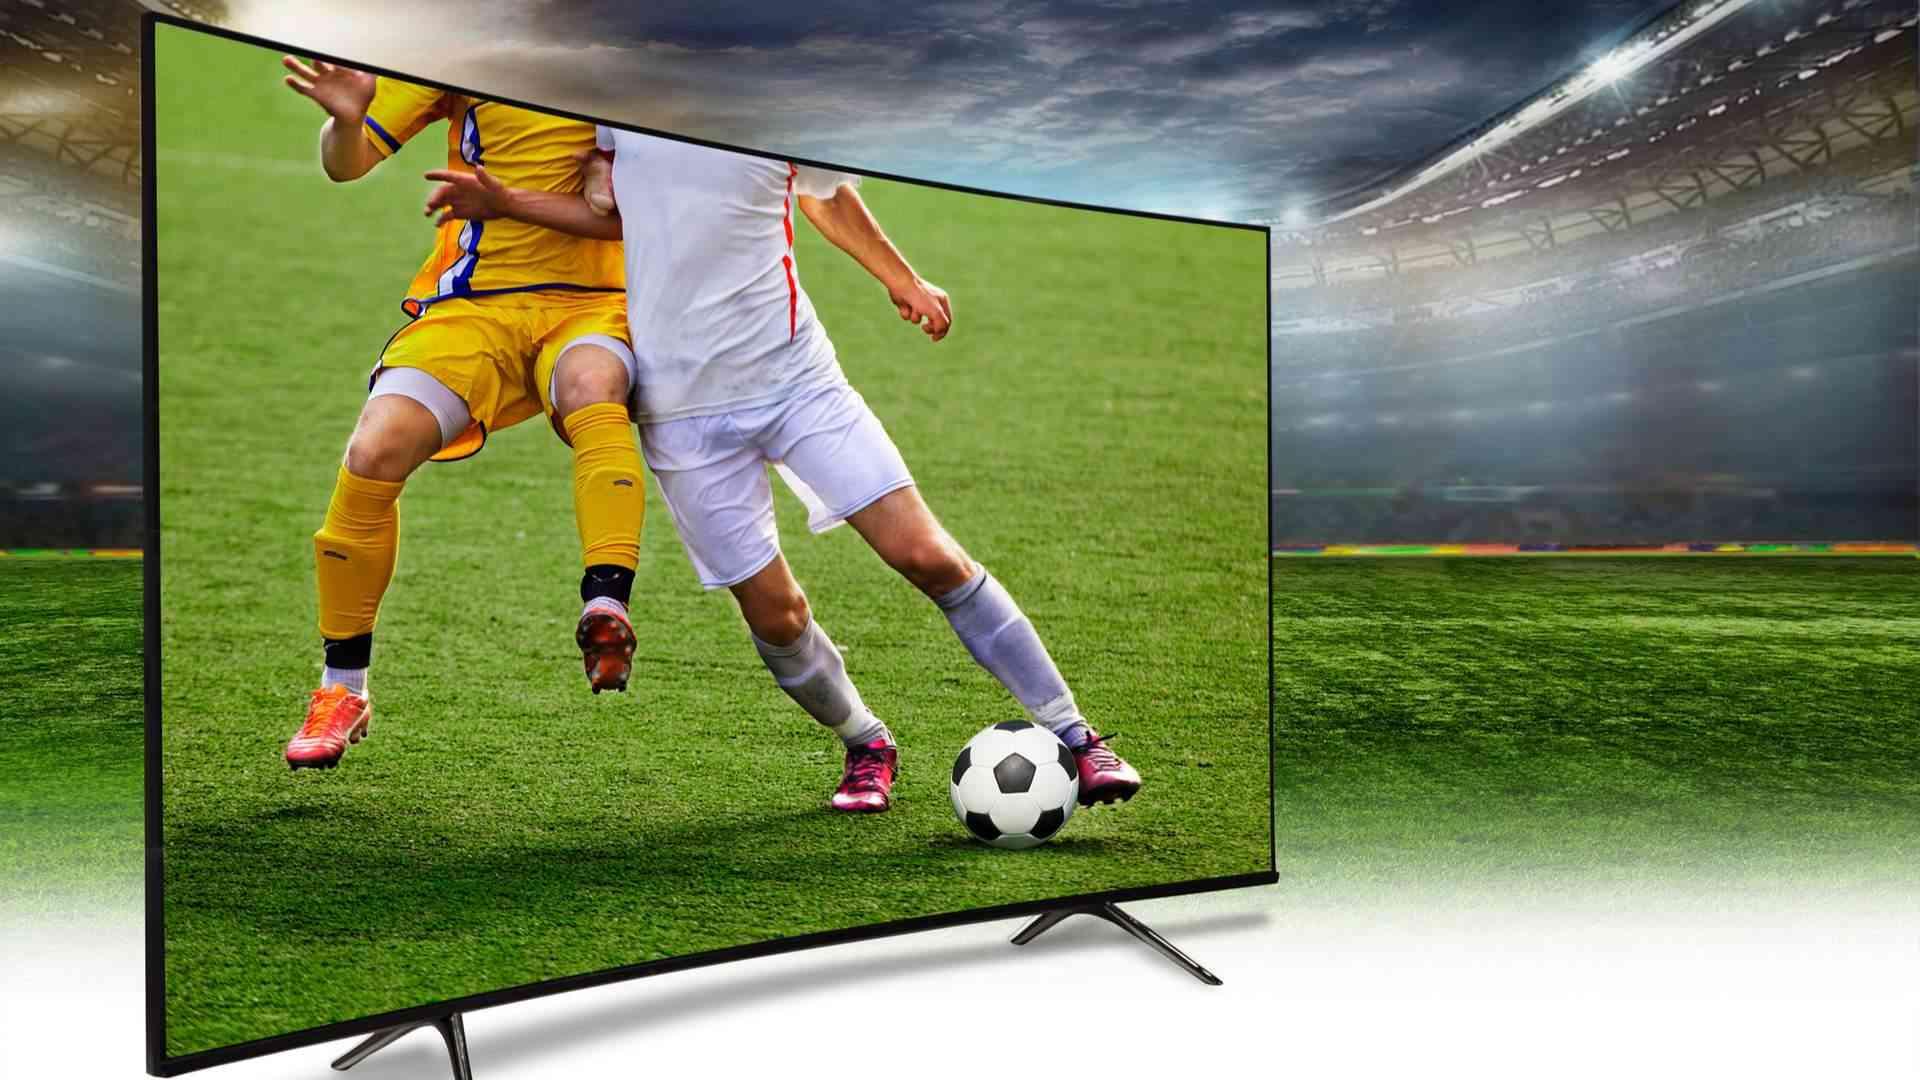 Monitor exibindo partida de futebol sobre ilustração futebolística ao fundo